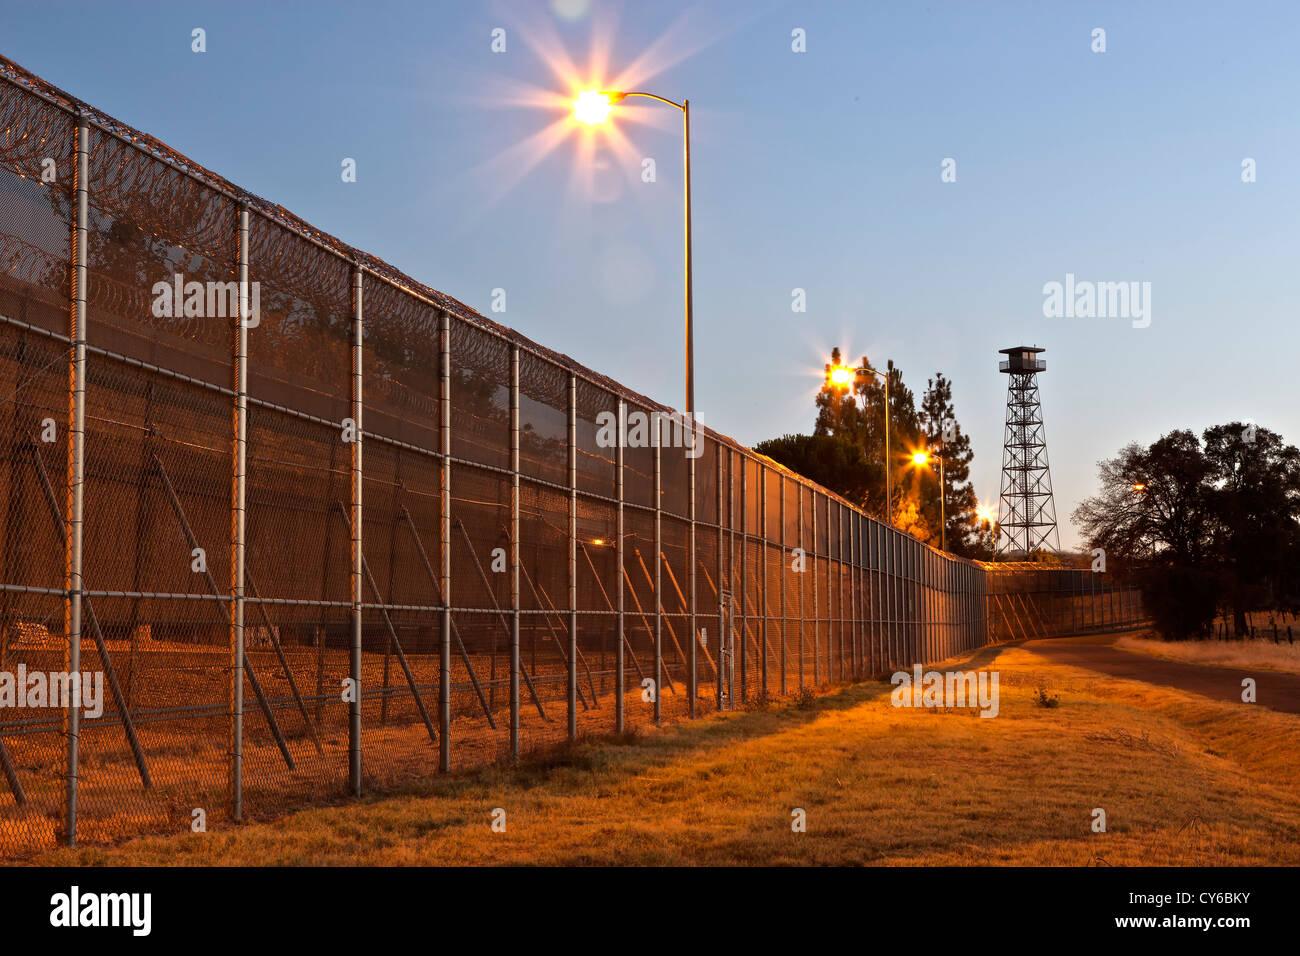 Valla de seguridad penitenciaria, torre, antes del amanecer. Imagen De Stock